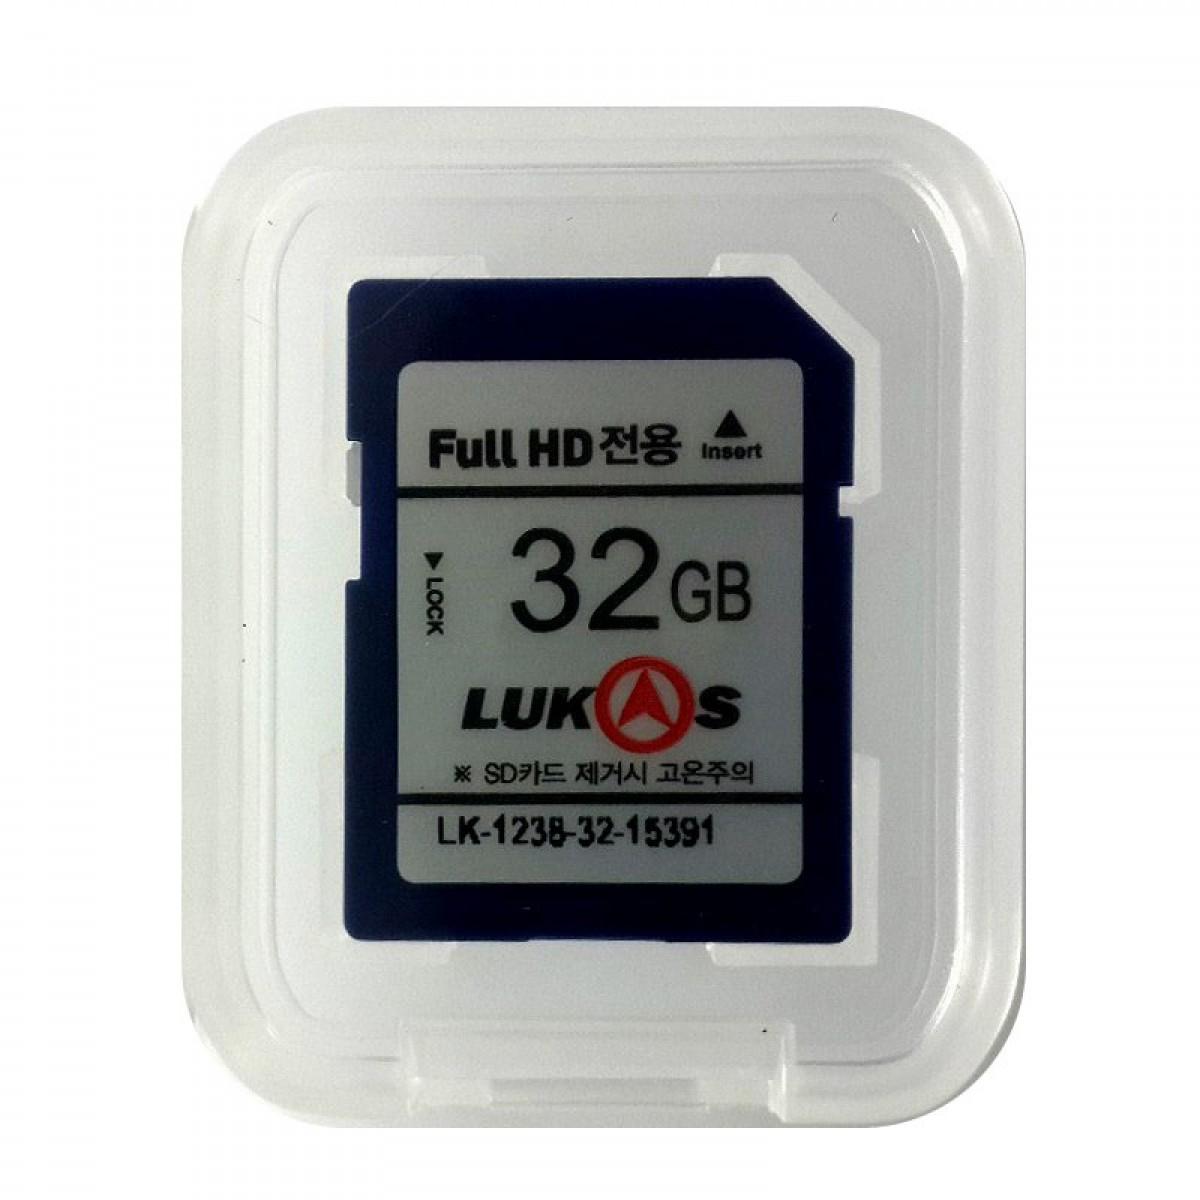 เมมโมรี่การ์ด Lukas ขนาด 32GB